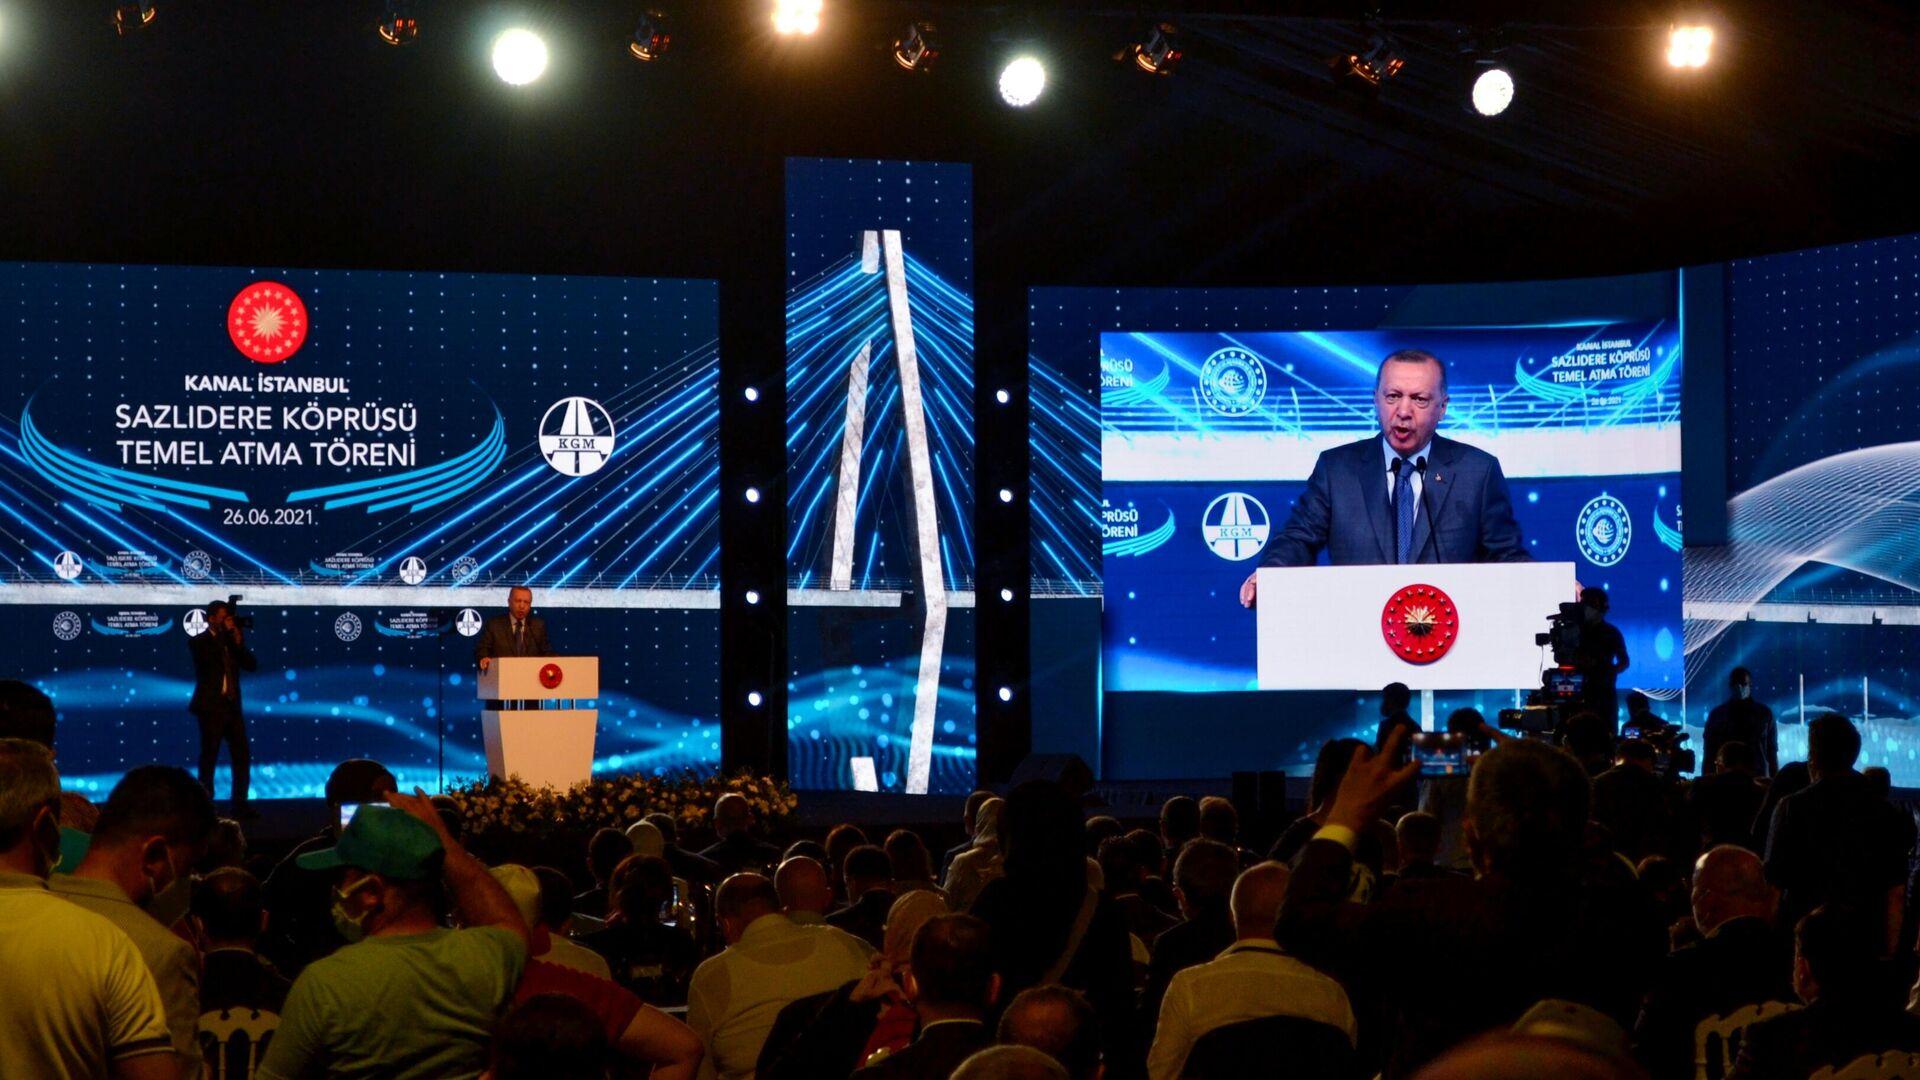 Президент Турции Реджеп Тайип Эрдоган выступает на церемонии начала строительства канала Стамбул - РИА Новости, 1920, 26.06.2021